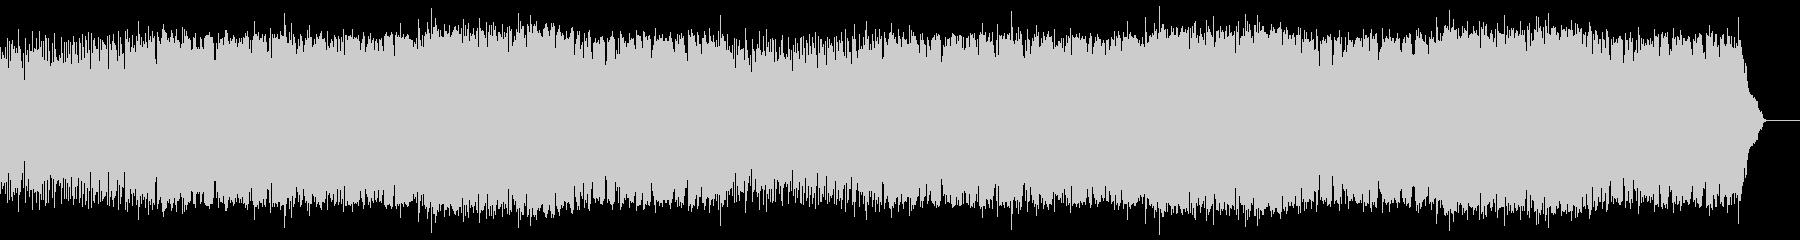 ソプラノサックスが奏でる切ないムード歌謡の未再生の波形